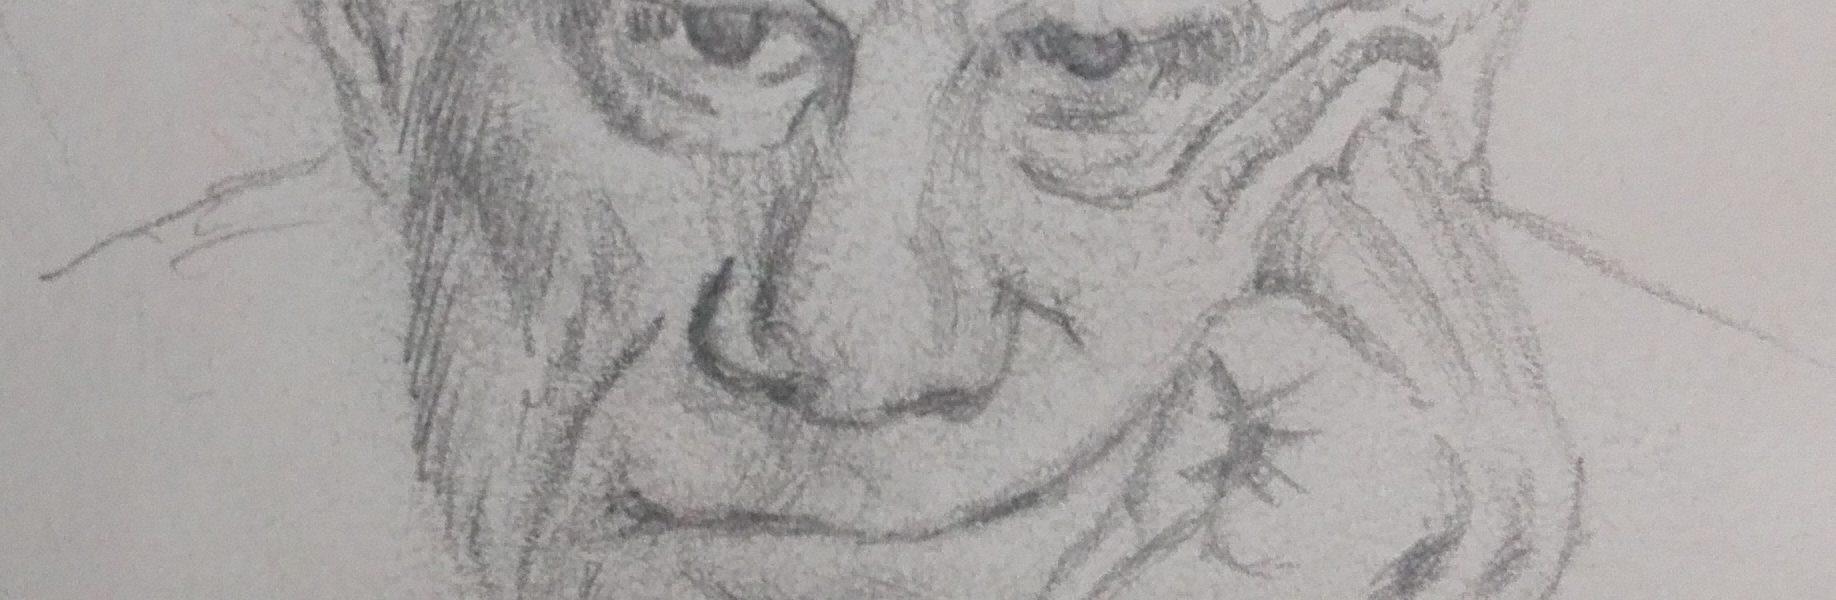 Sandro Ferrucci - Grafite su carta - anno 1990 - ritratto di Alberto Moravia dettaglio da blocco schizzi